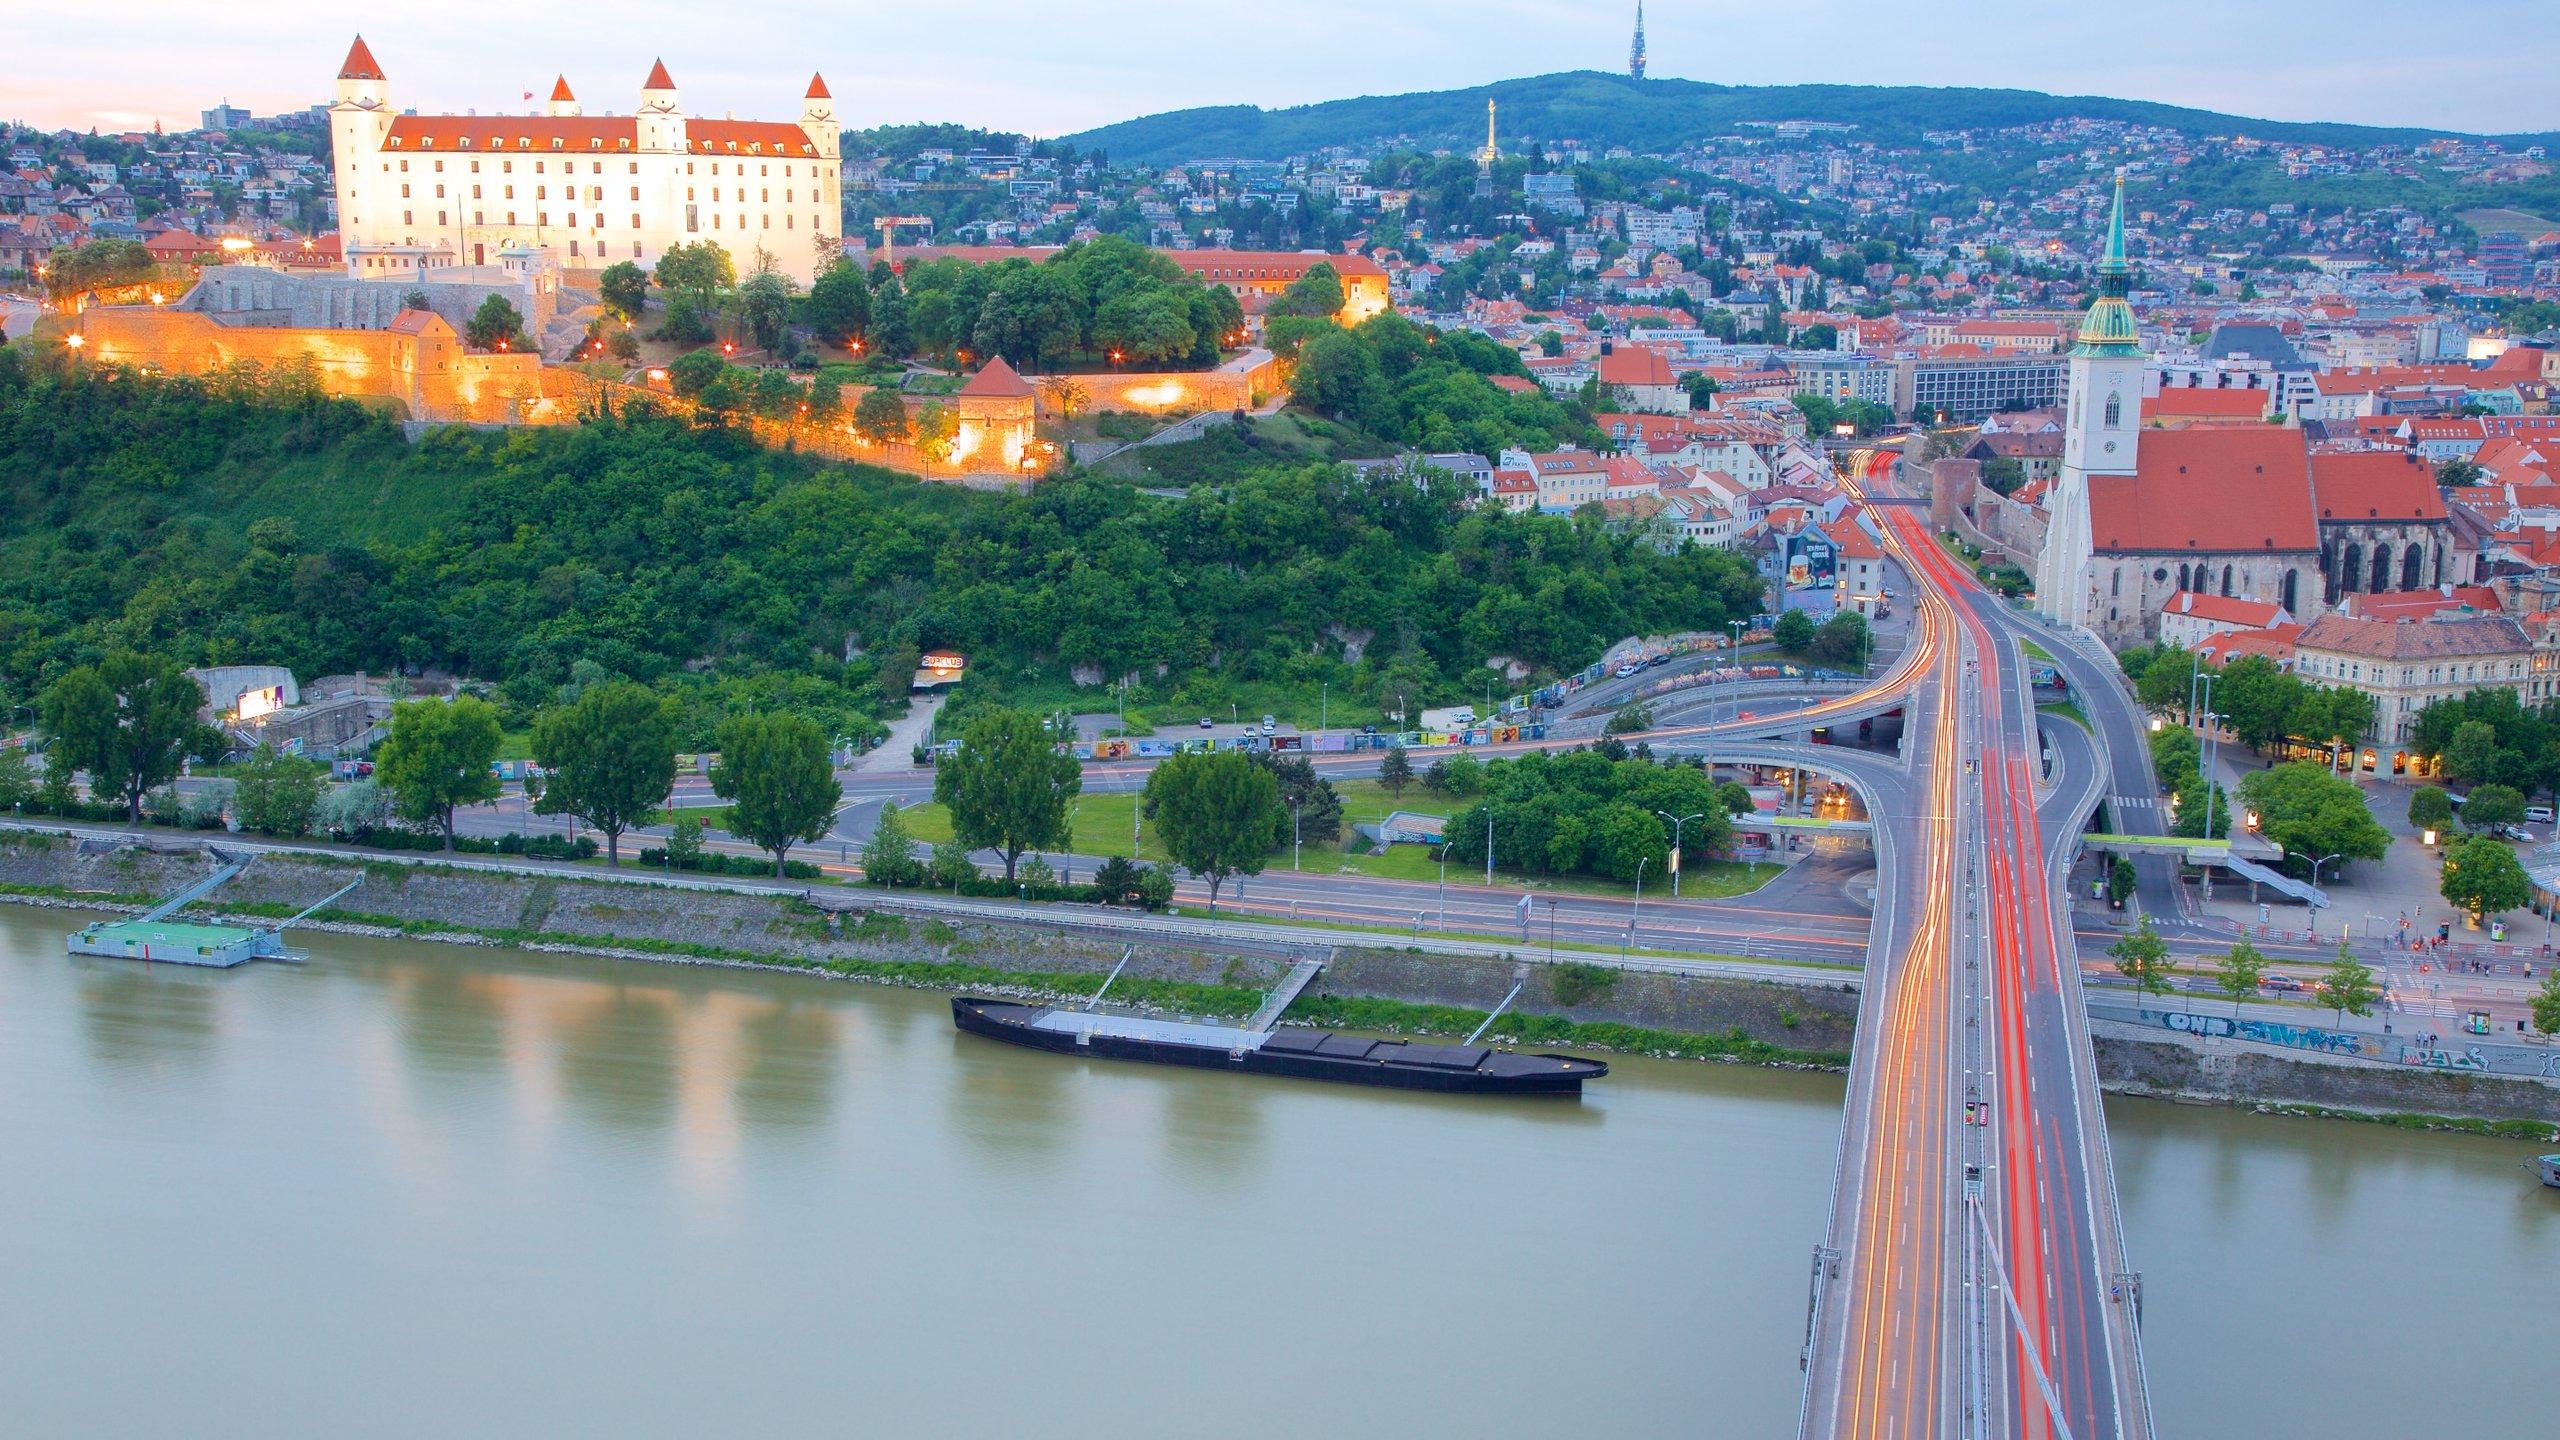 Het iconische en imposante Kasteel van Bratislava staat bekend om zijn magnifieke bouwstijl, onvergetelijke uitzicht en fascinerende tentoonstellingen.